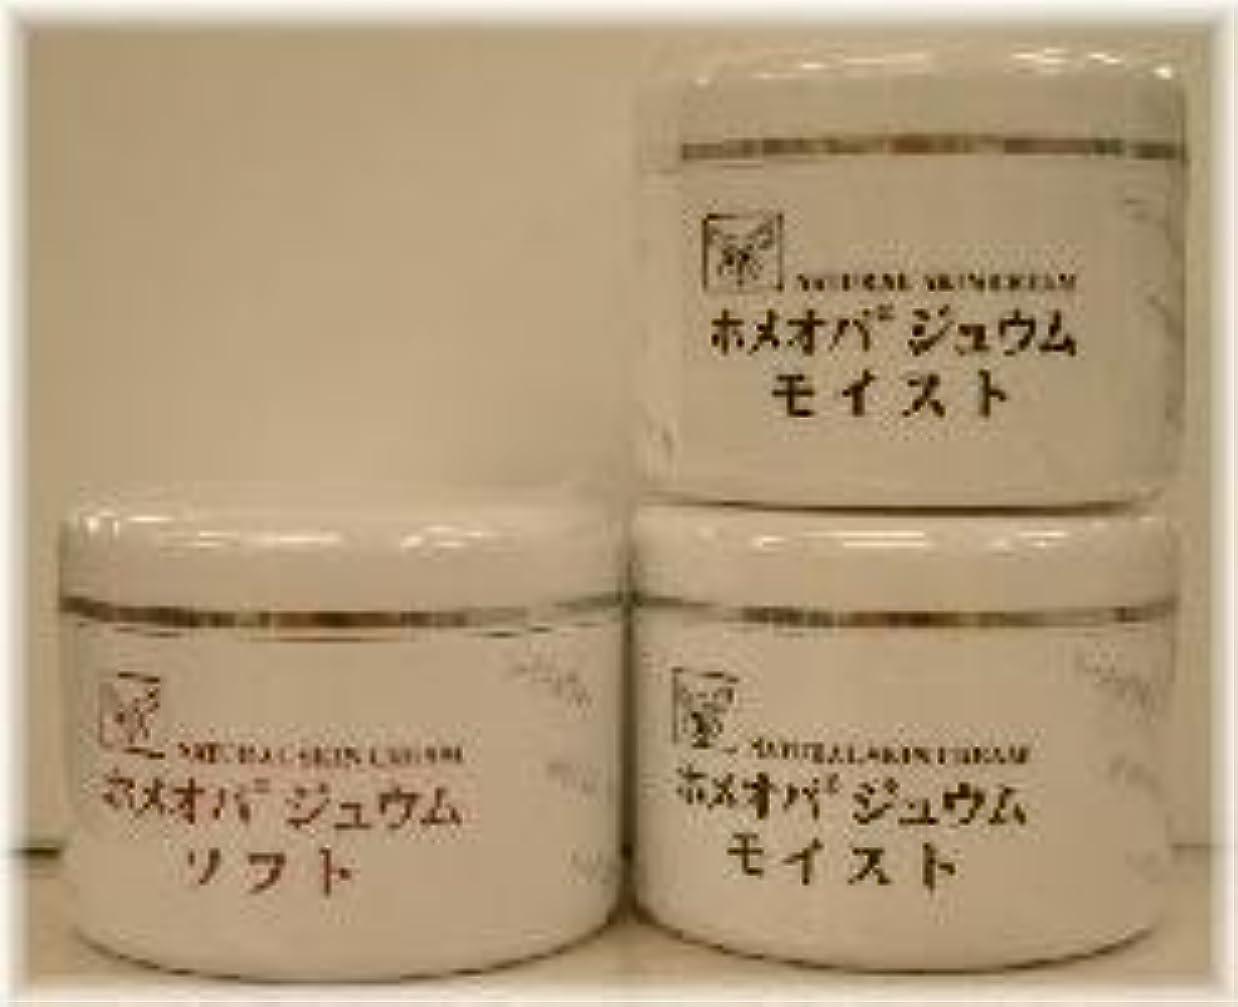 反発する相反する致死ホメオパジュウム スキンケア商品3点 ¥10500クリームモイスト2個+クリームソフト